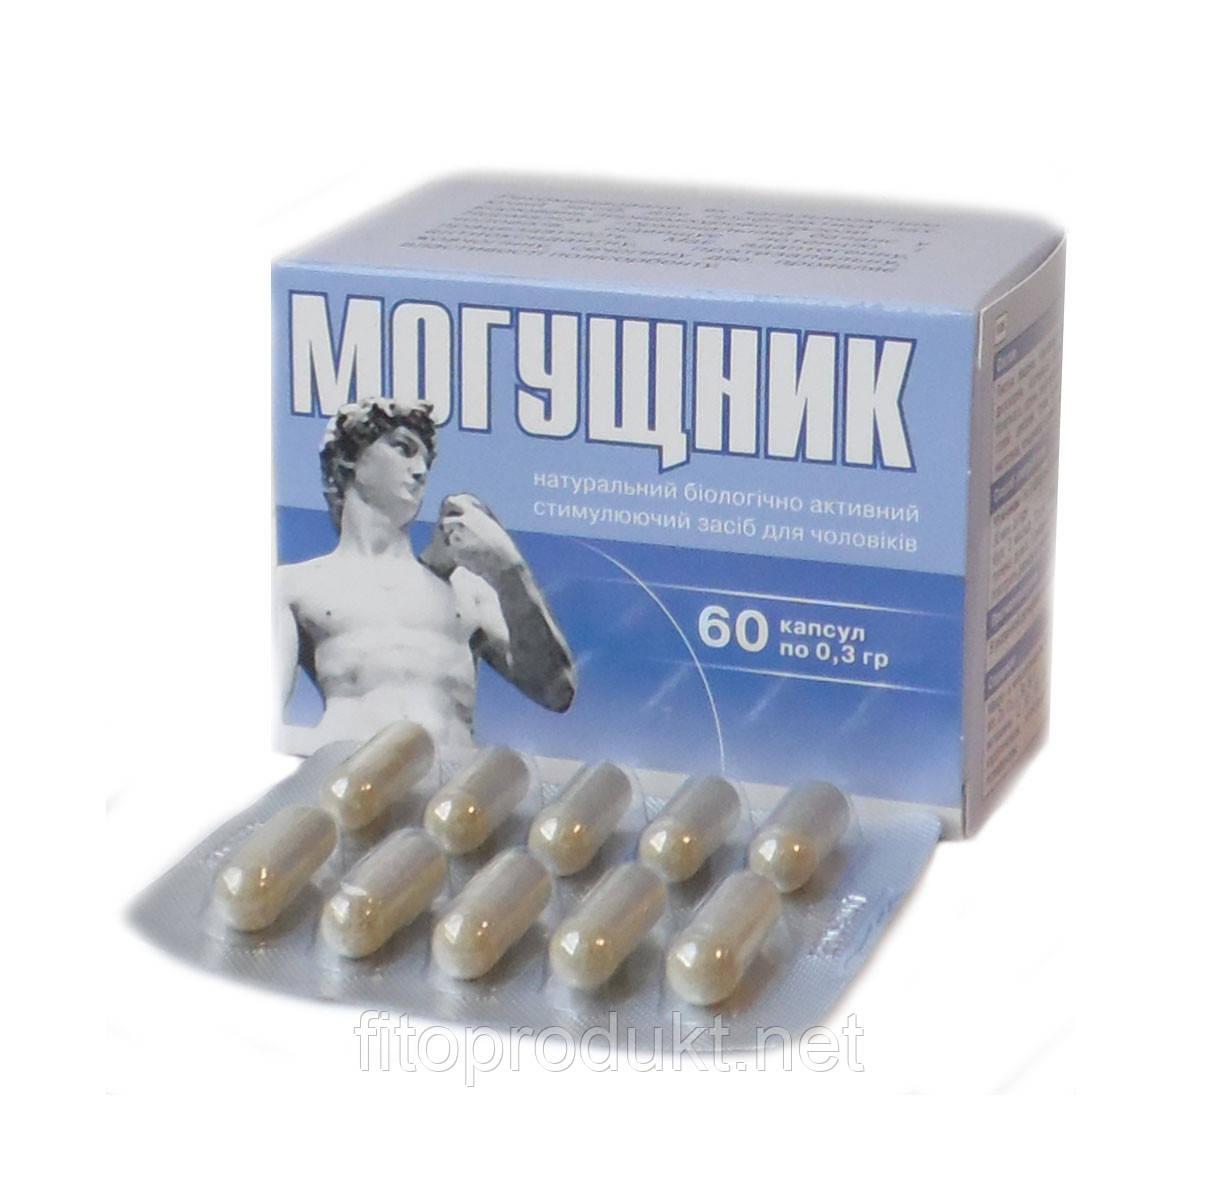 БАД Могущник стимулирующее средство для мужчин, 60 капсул